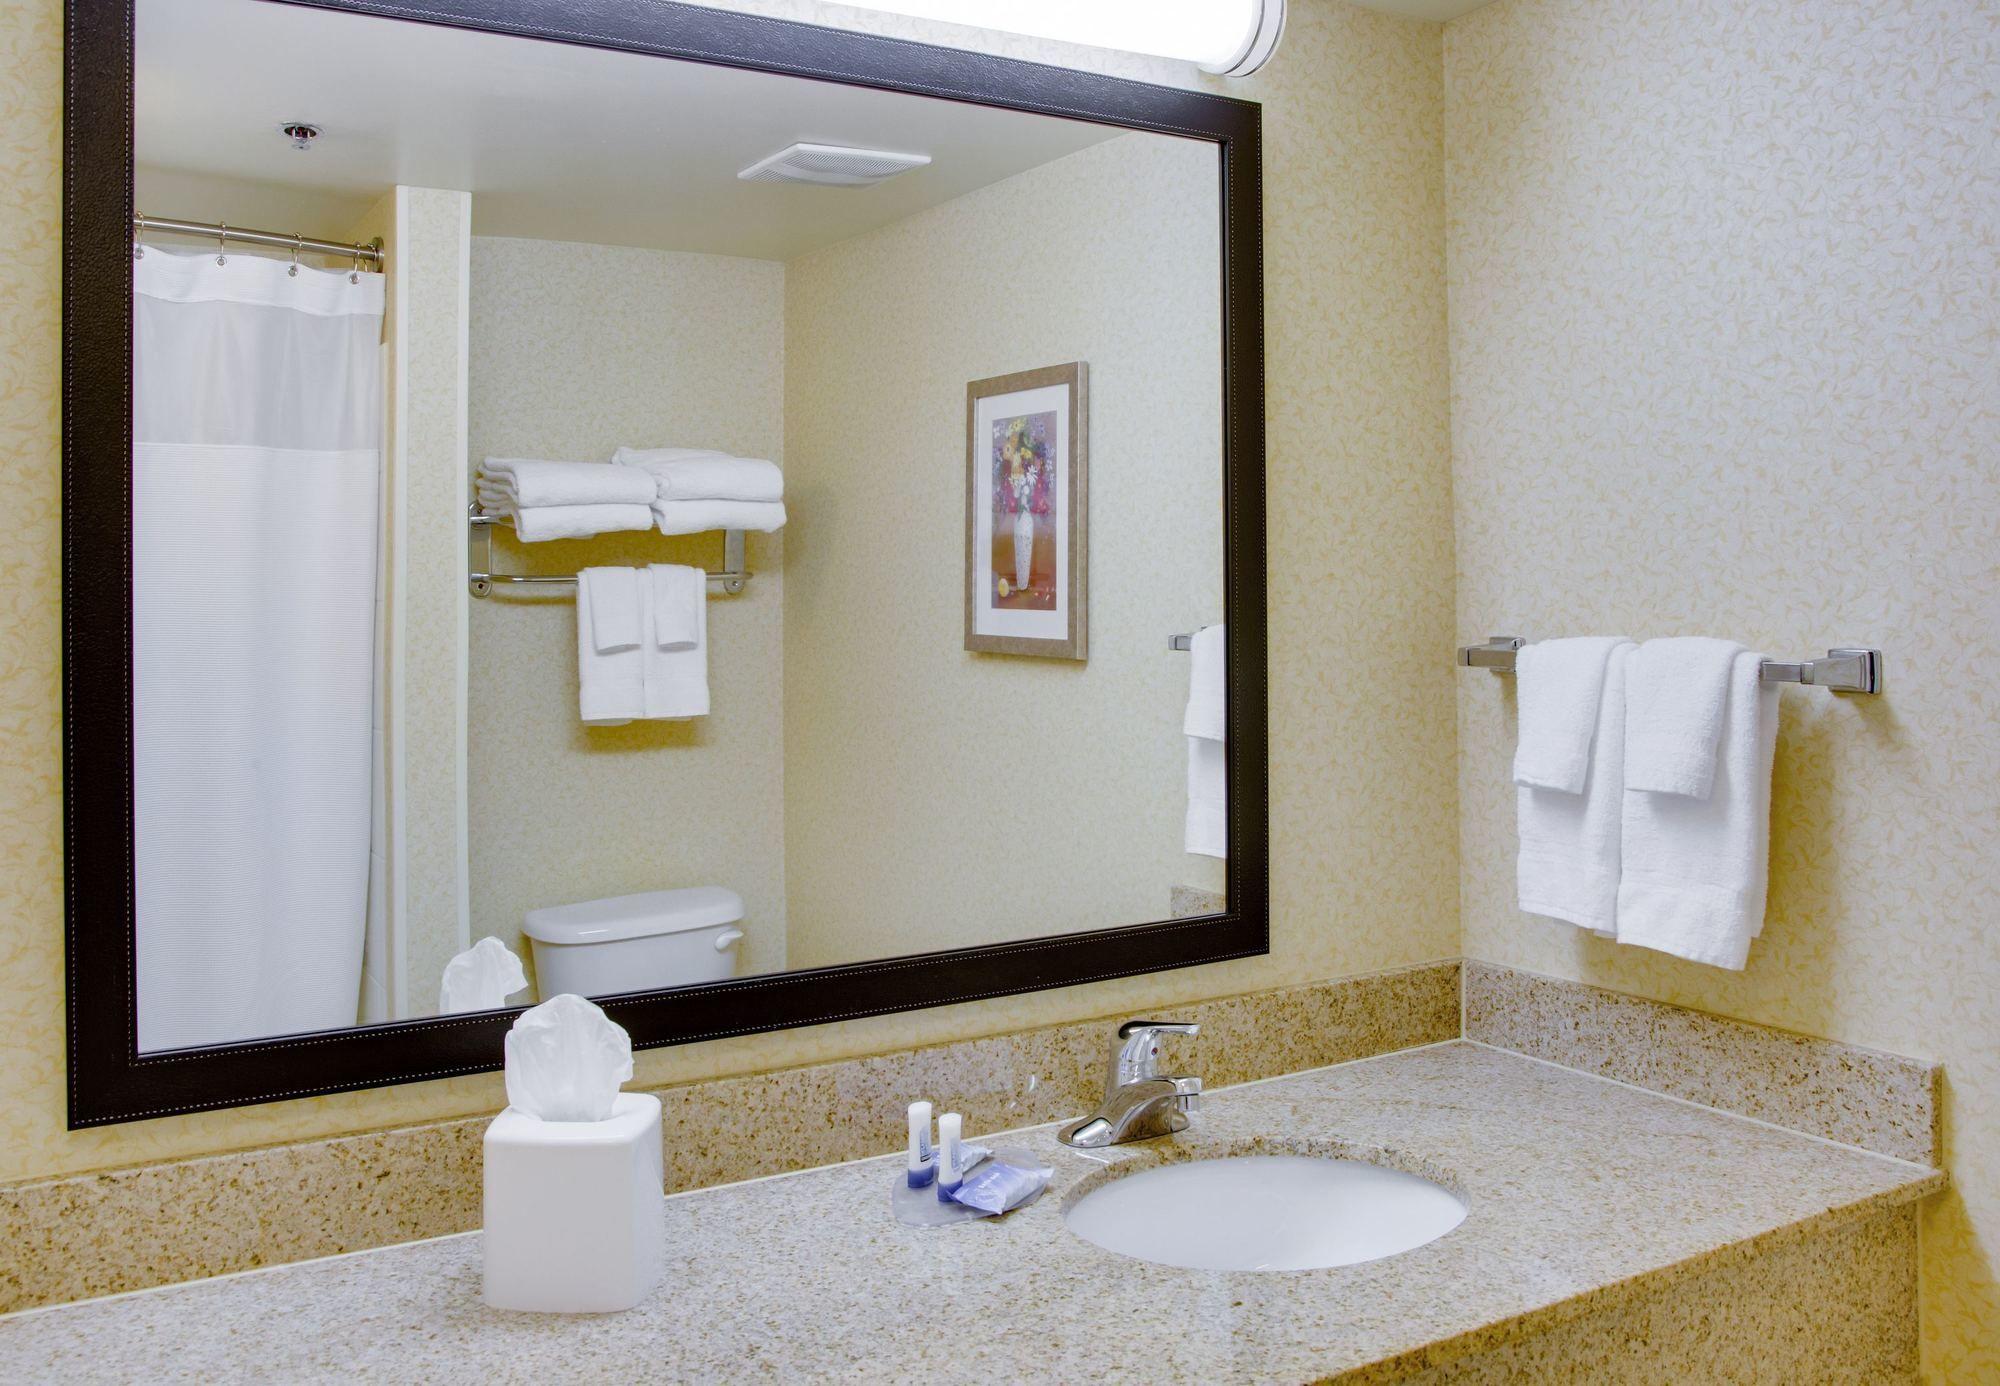 Fairfield Inn & Suites by Marriott South Hill